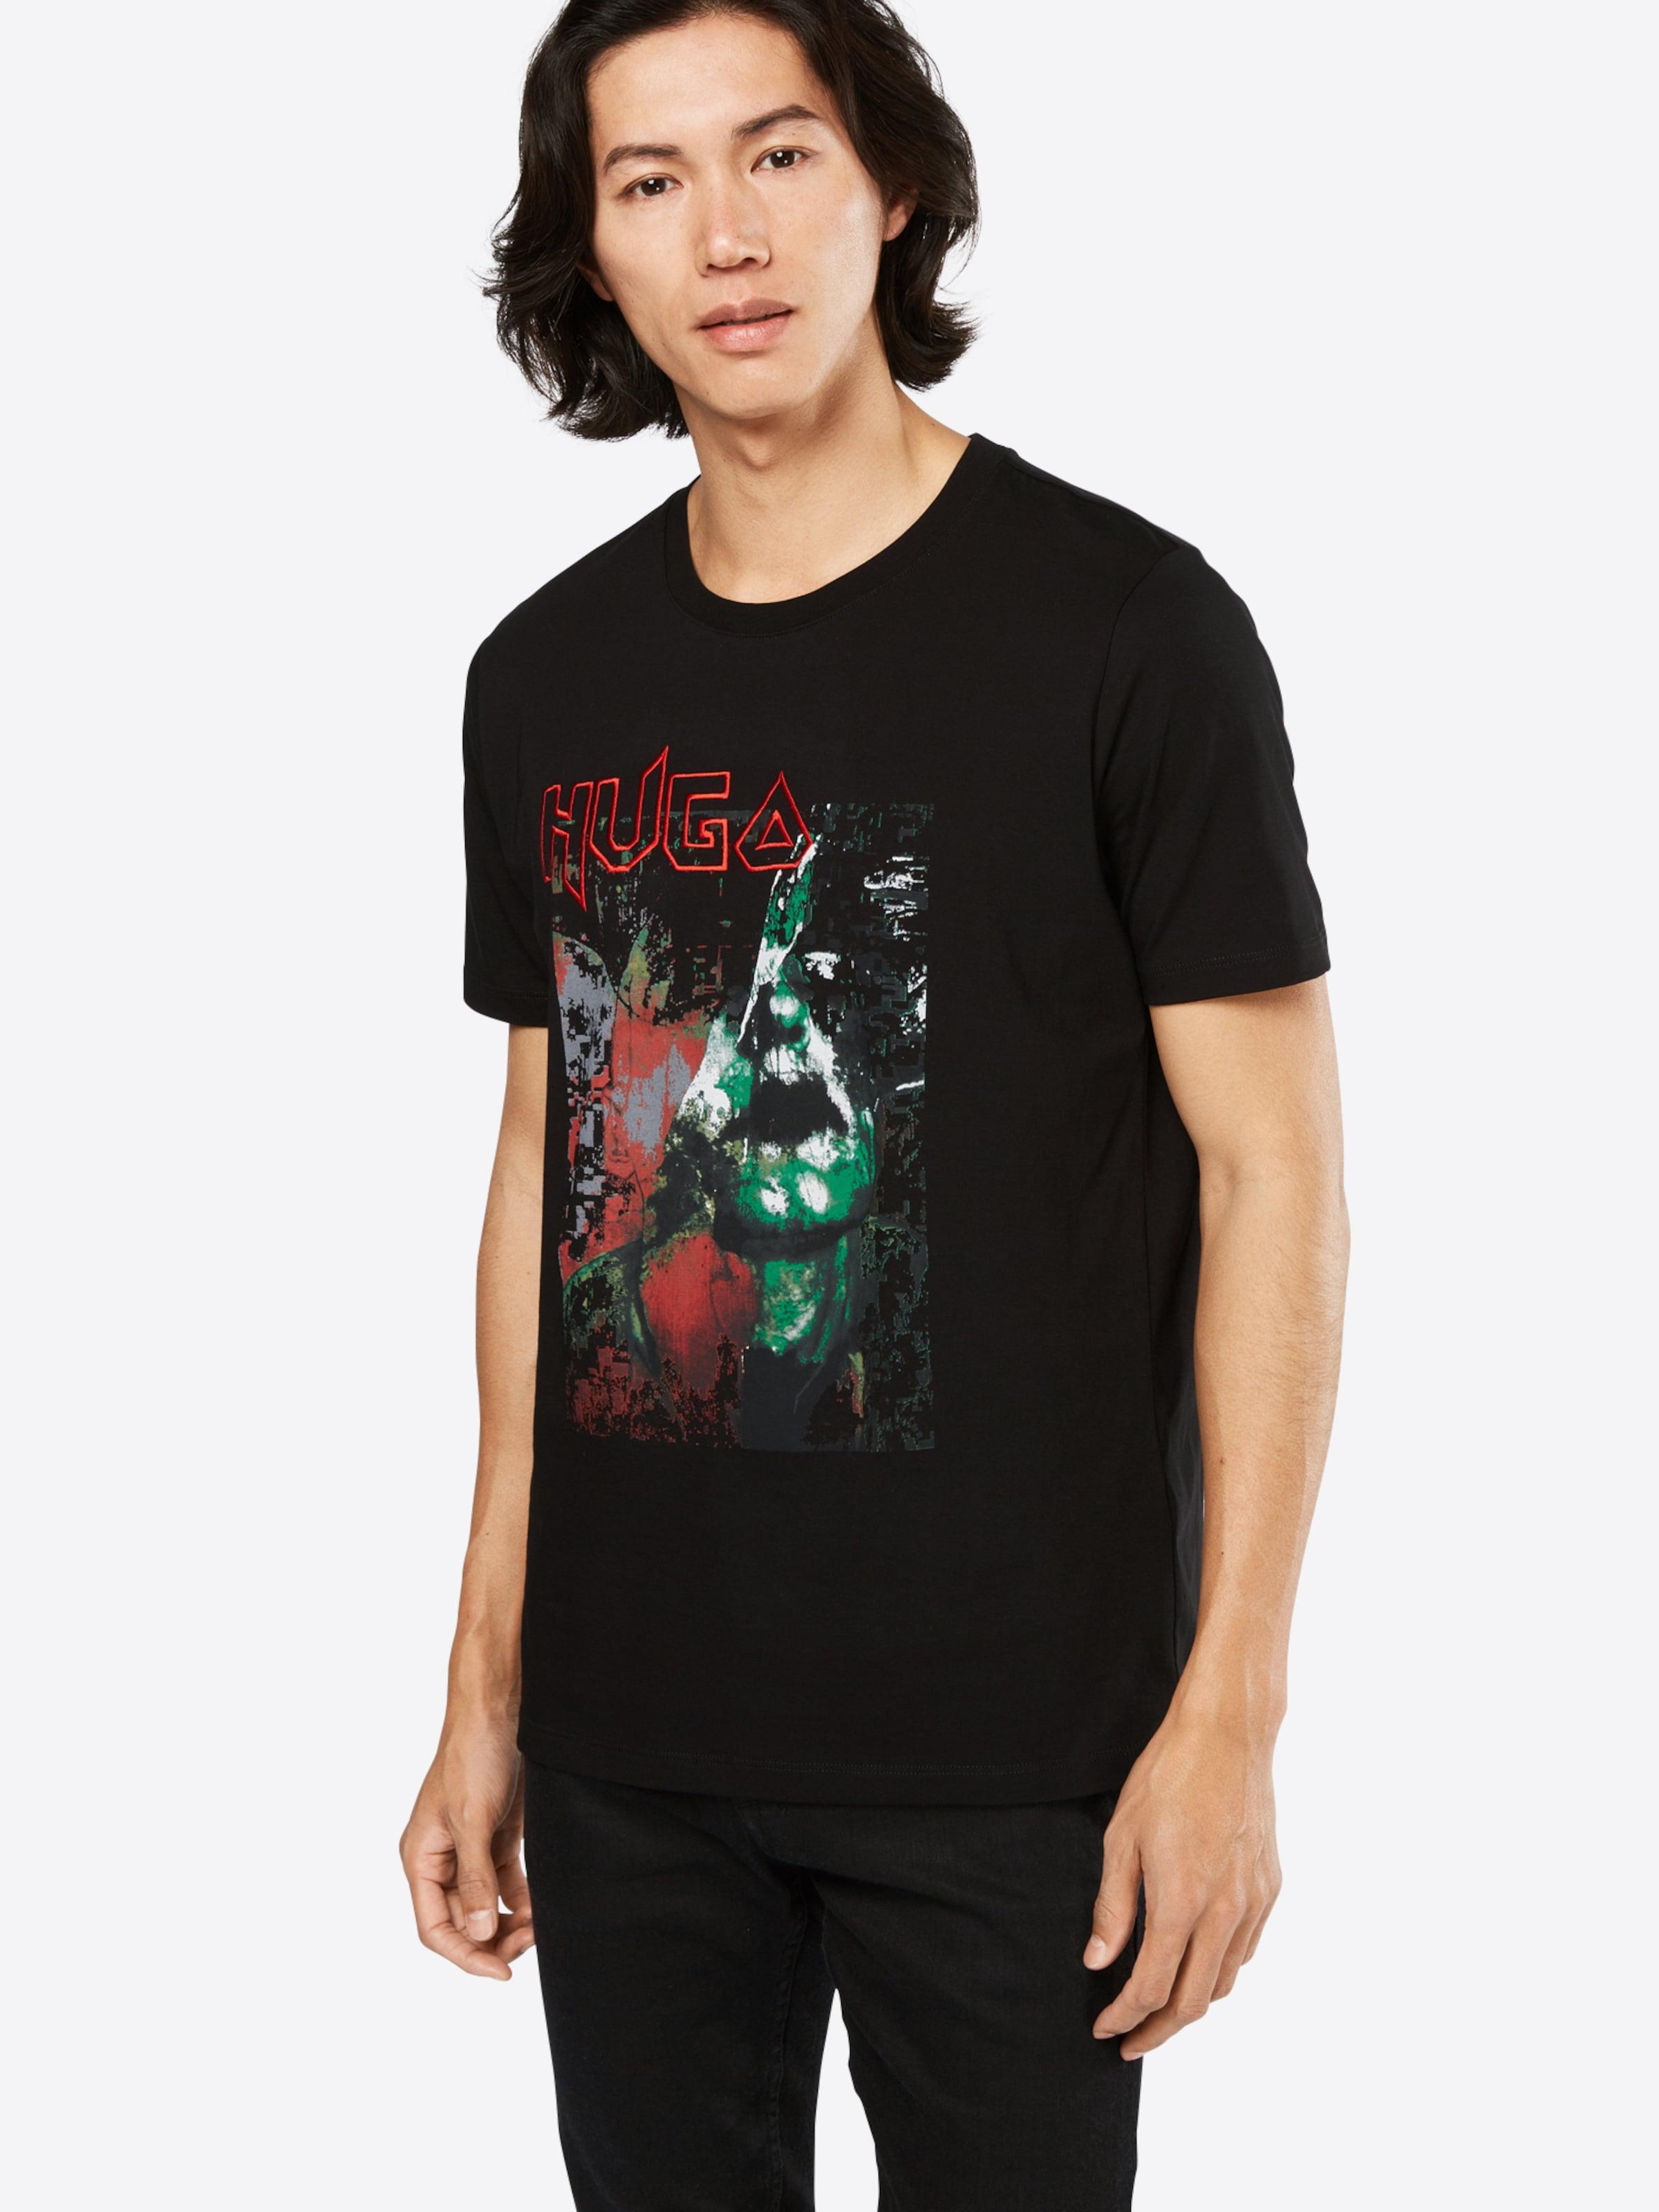 Neue Stile Verkauf Online Freies Verschiffen Die Besten Preise HUGO T-Shirt 'Detallic 10205074 01' Spielraum Erhalten Zu Kaufen 4EyIkO